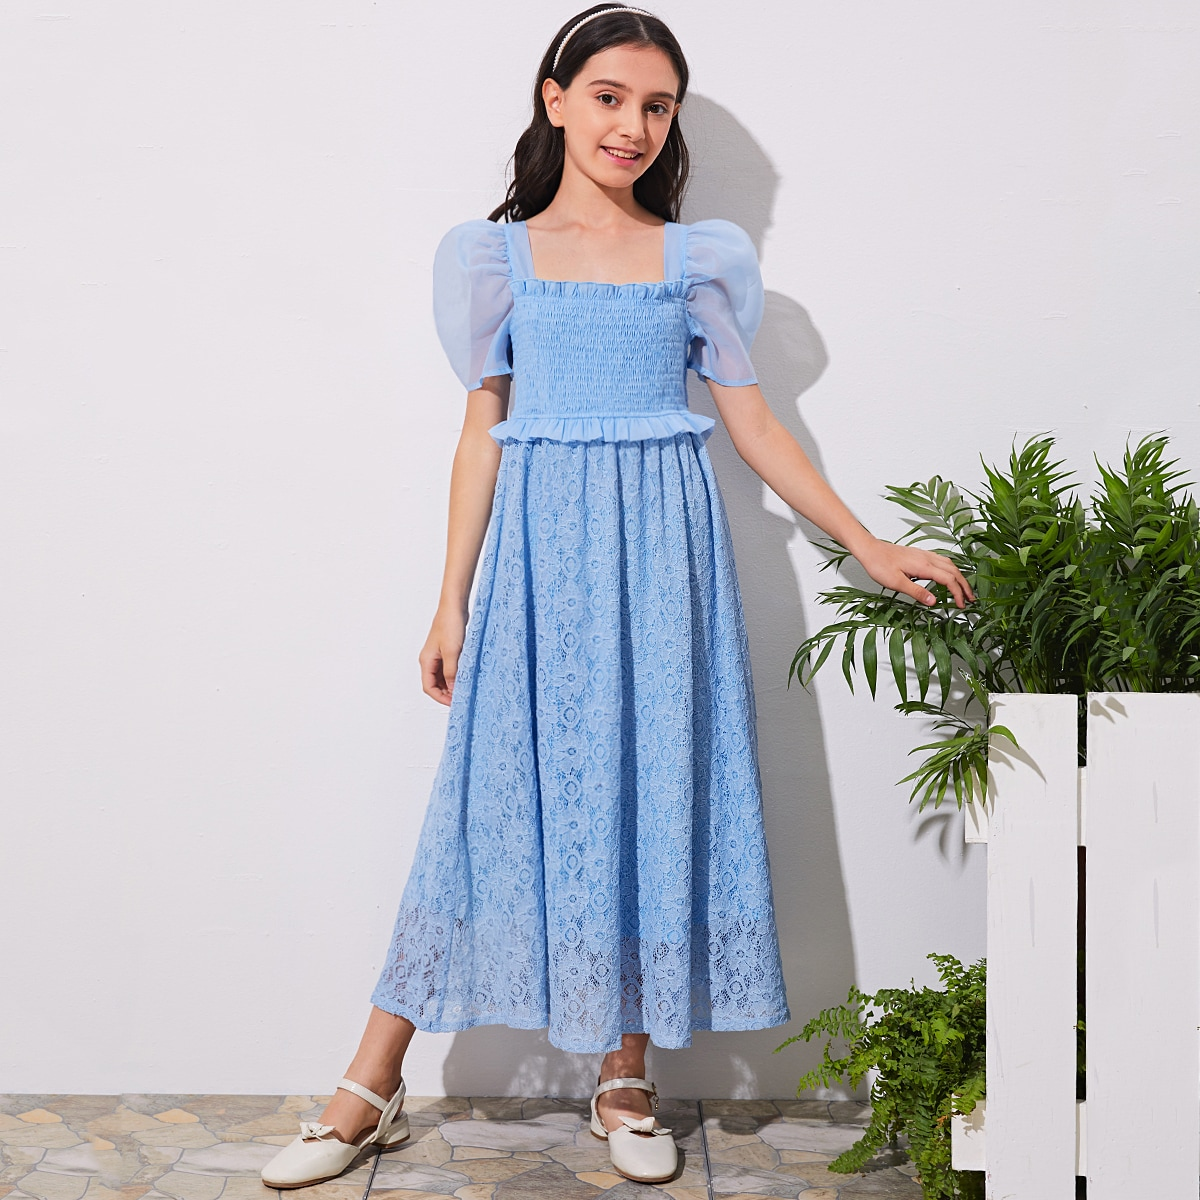 Кружевное платье с пышными рукавами из органзы для девочек